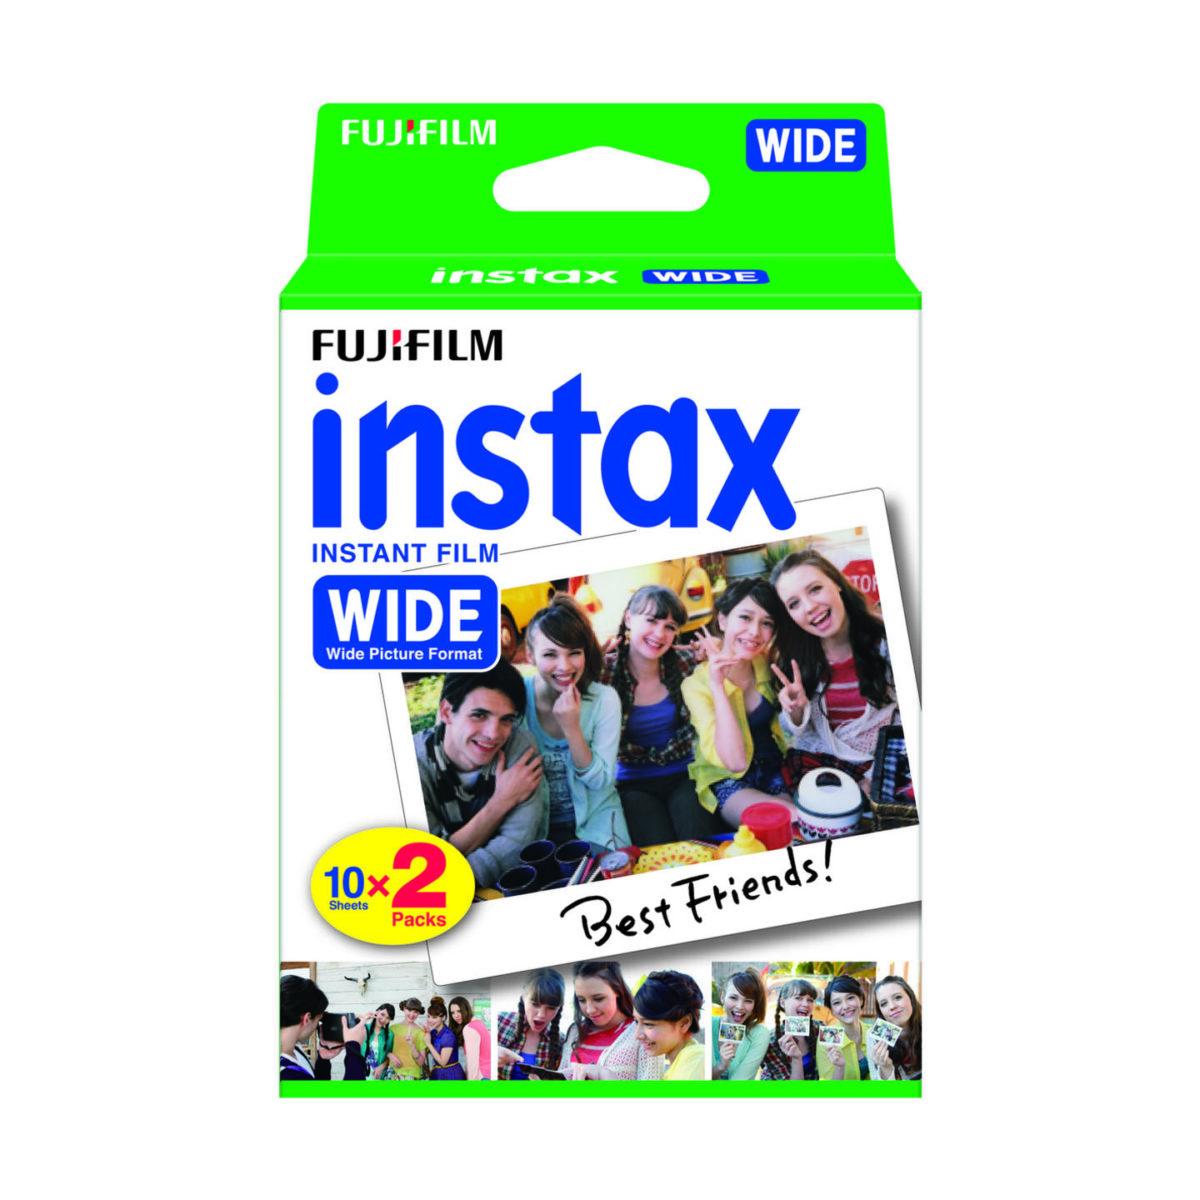 fujifilm_instax_wide_sofortbildfilm_20_aufnahmen_01